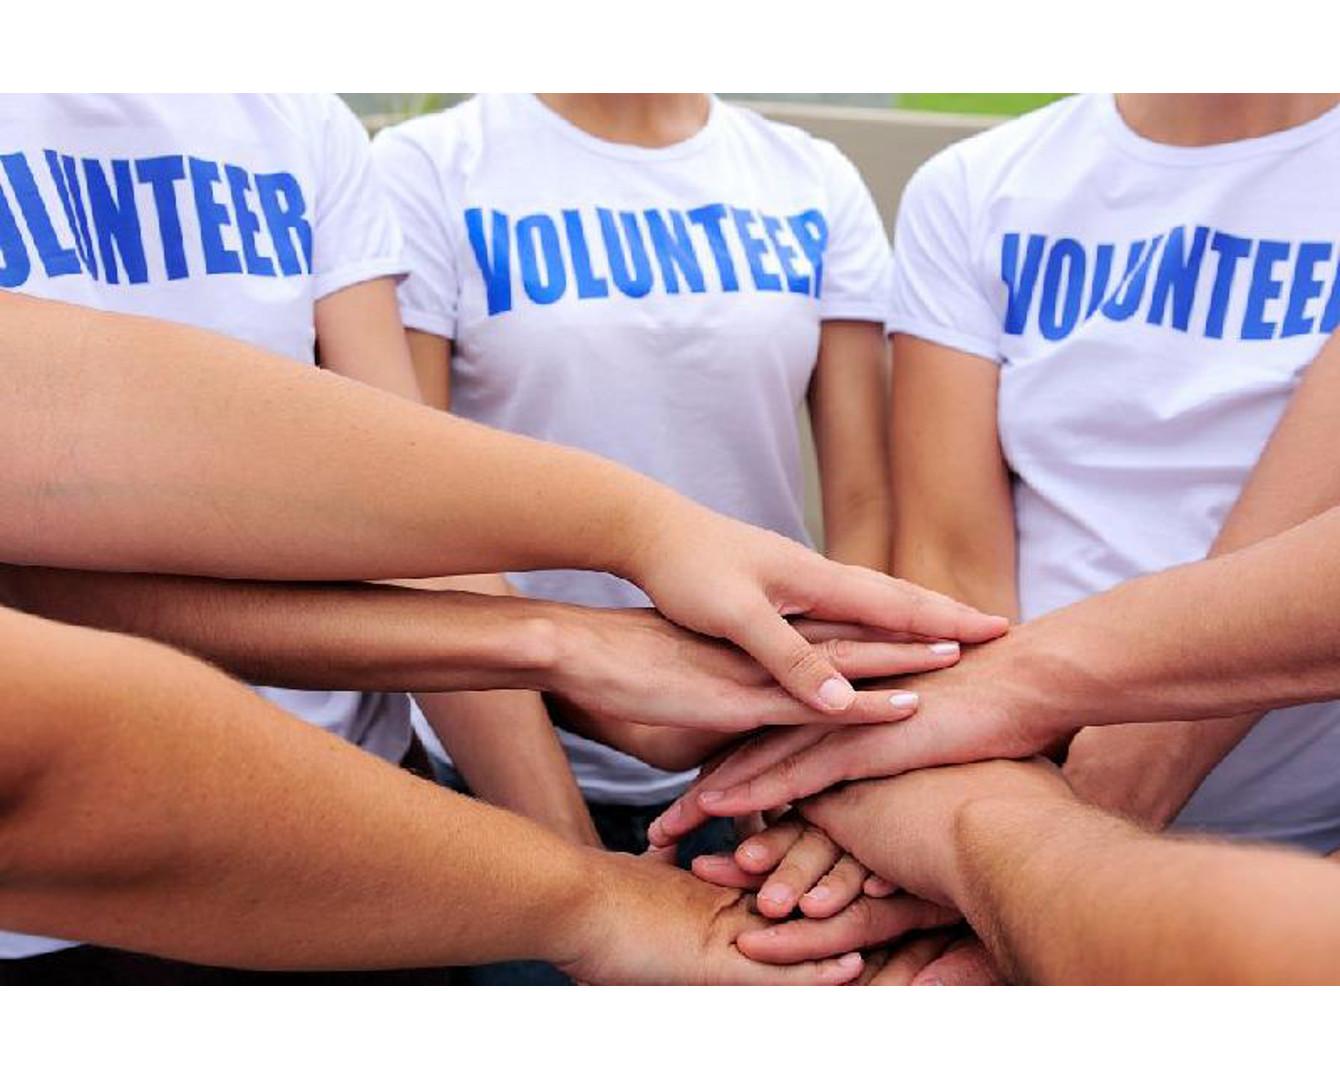 В Мининформе начали подготовку к Году волонтерства